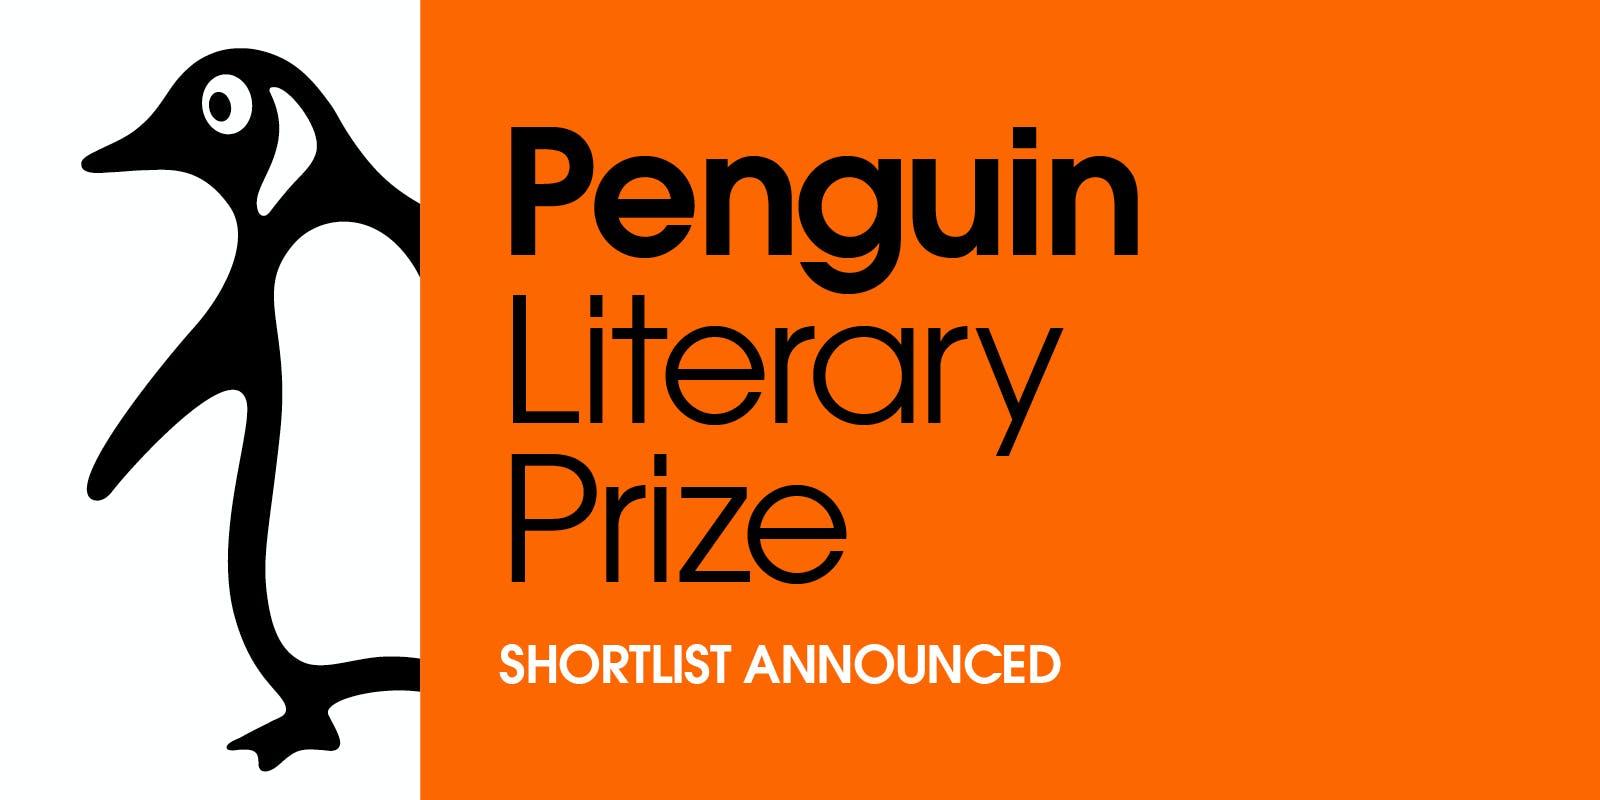 Penguin Literary Prize shortlist announcement